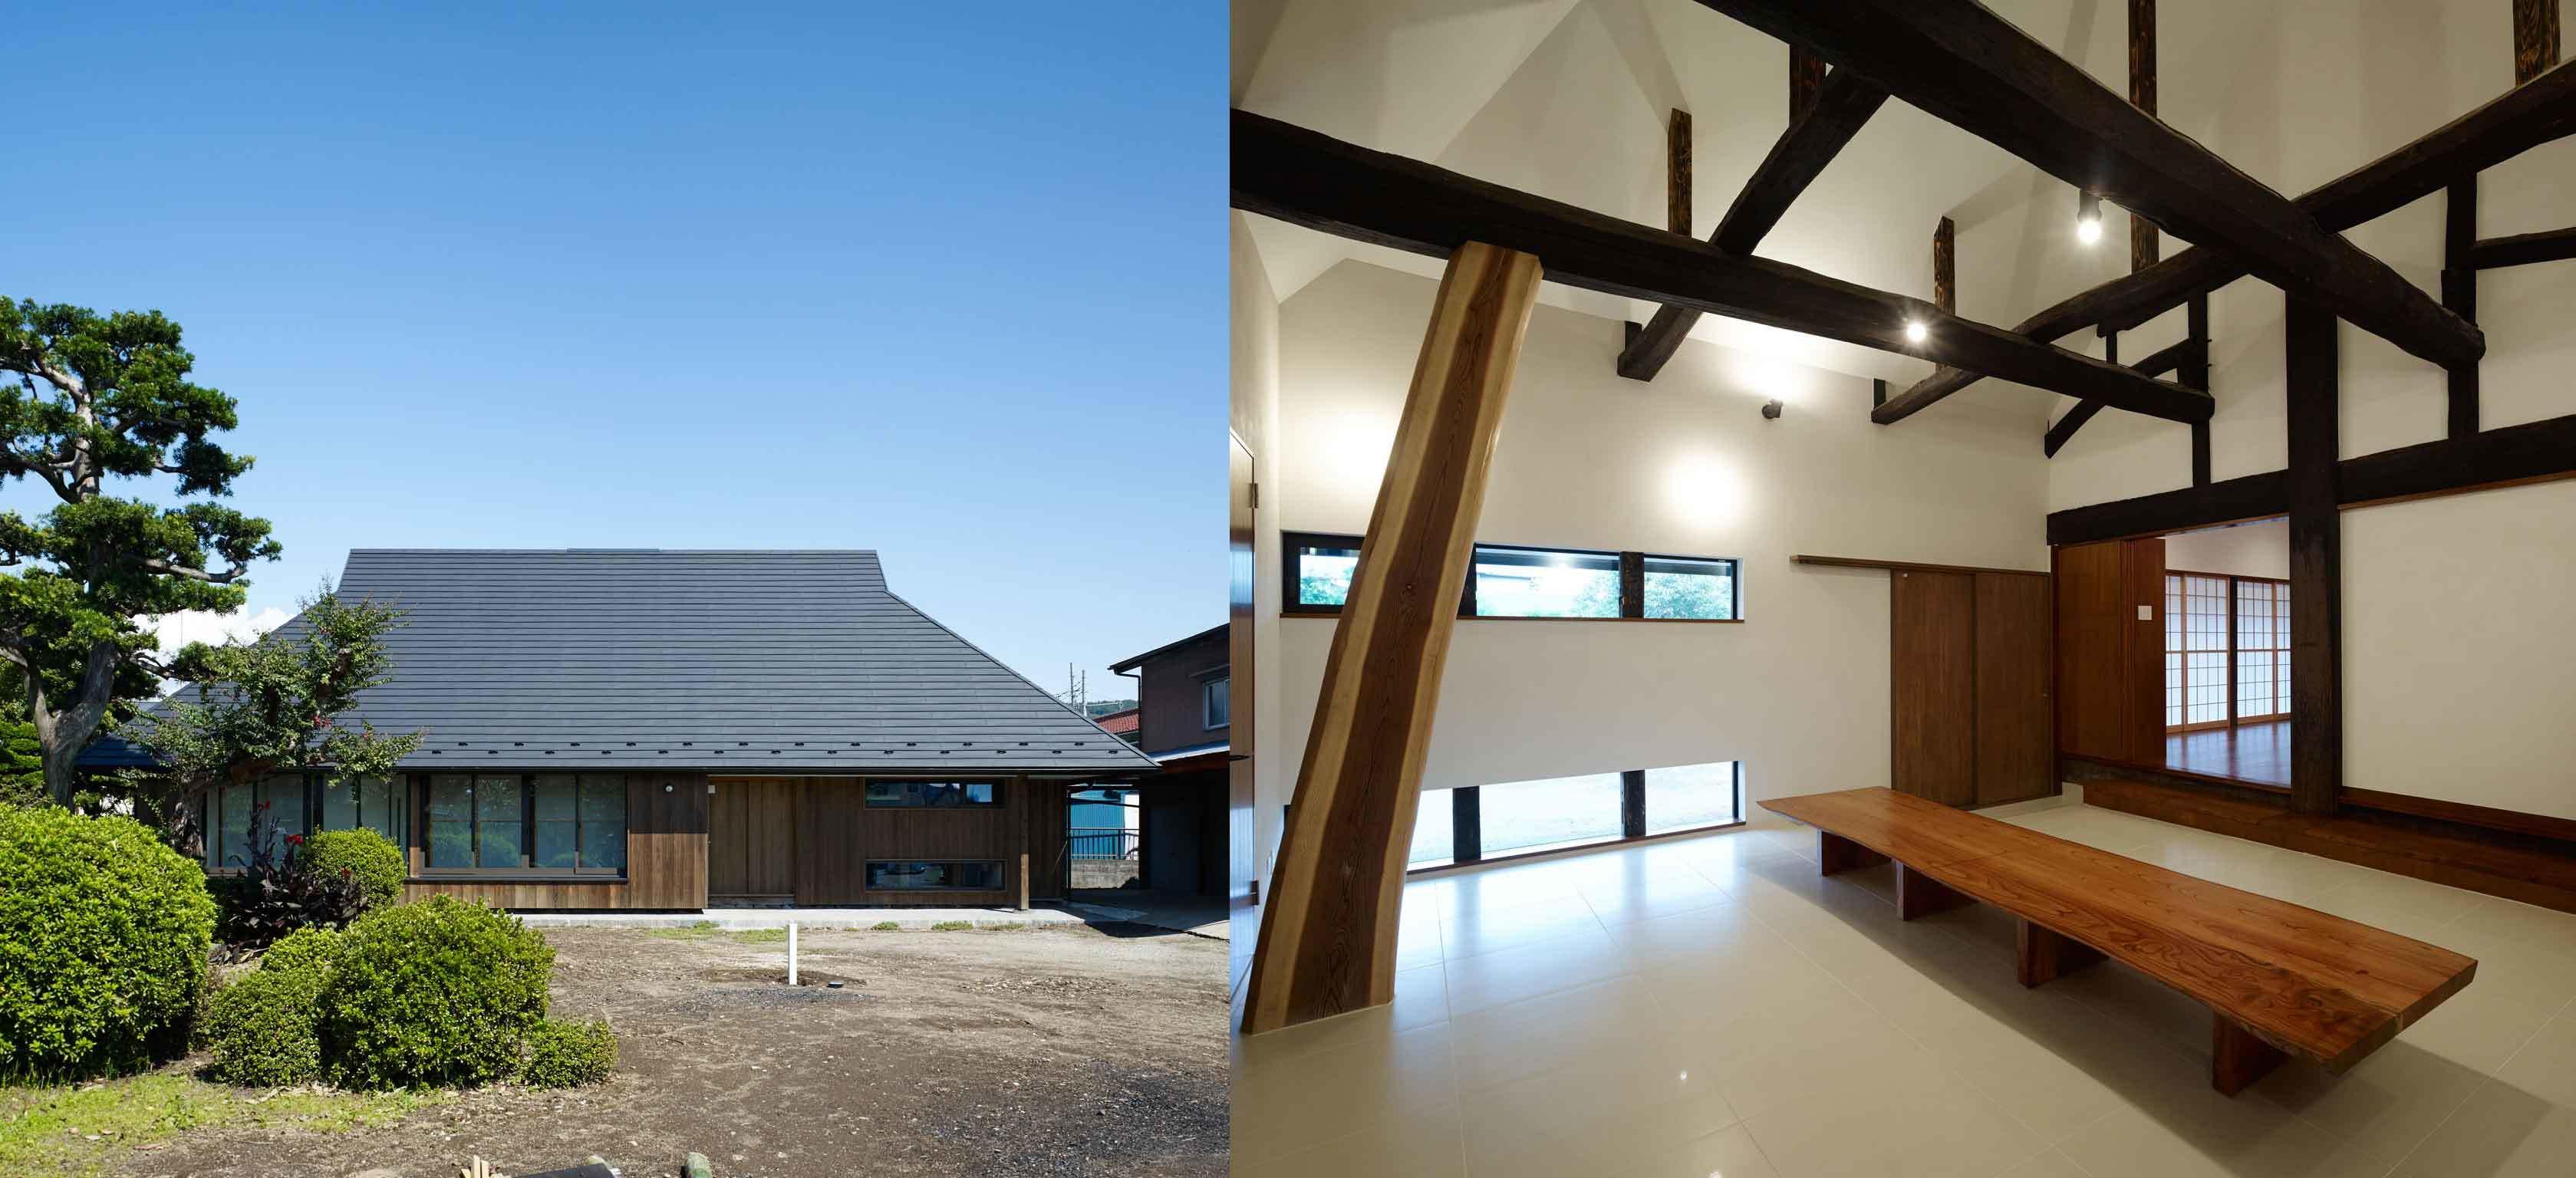 弊社の代表作の一つ、古民家再生設計です。今年度は隣接する建物の設計をしています。